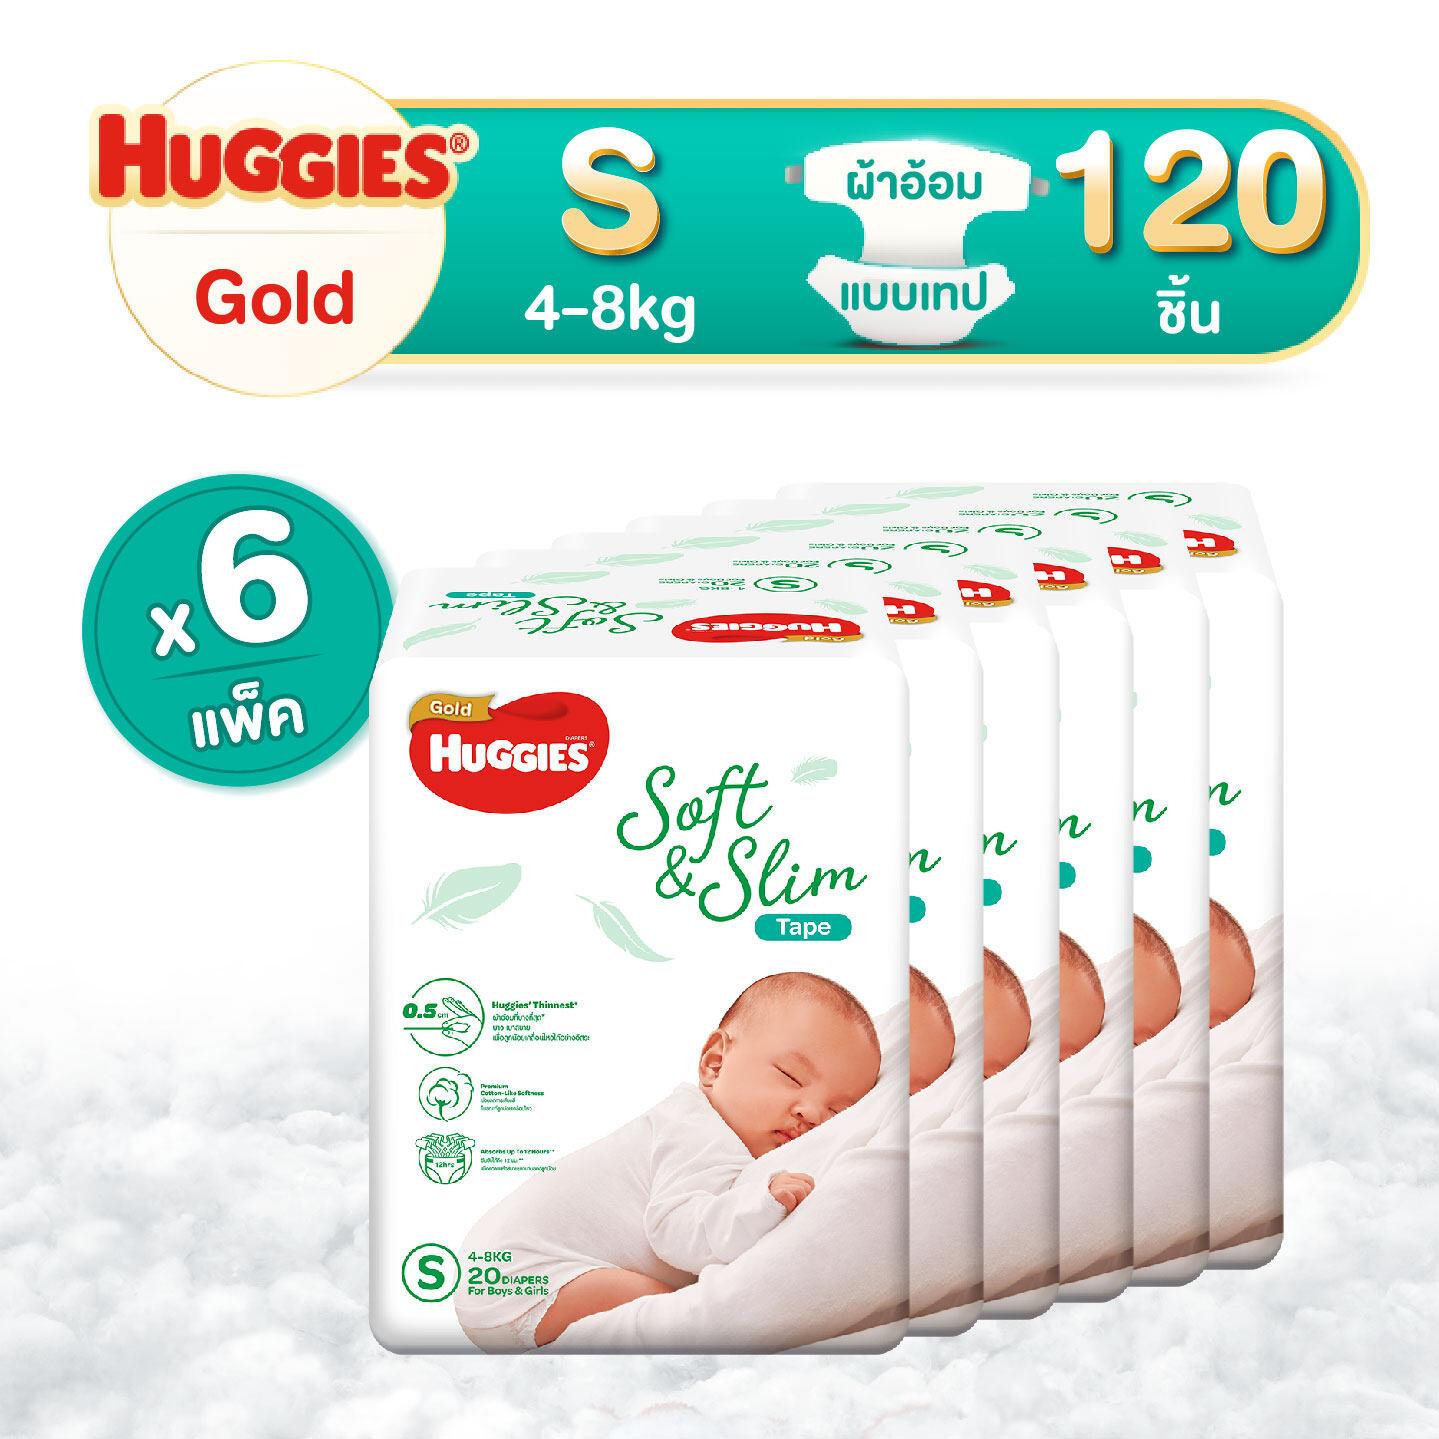 รีวิว Huggies Gold Soft and Slim Tape Diapers ฮักกี้ส์ ผ้าอ้อมเด็ก ผ้าอ้อมเด็กชาย ผ้าอ้อมเด็กหญิง ผ้าอ้อมเทป แพมเพิส โกลด์ ซอฟท์แอนด์สลิม ไซส์ S20 x 6 แพ็ค (120 ชิ้น)